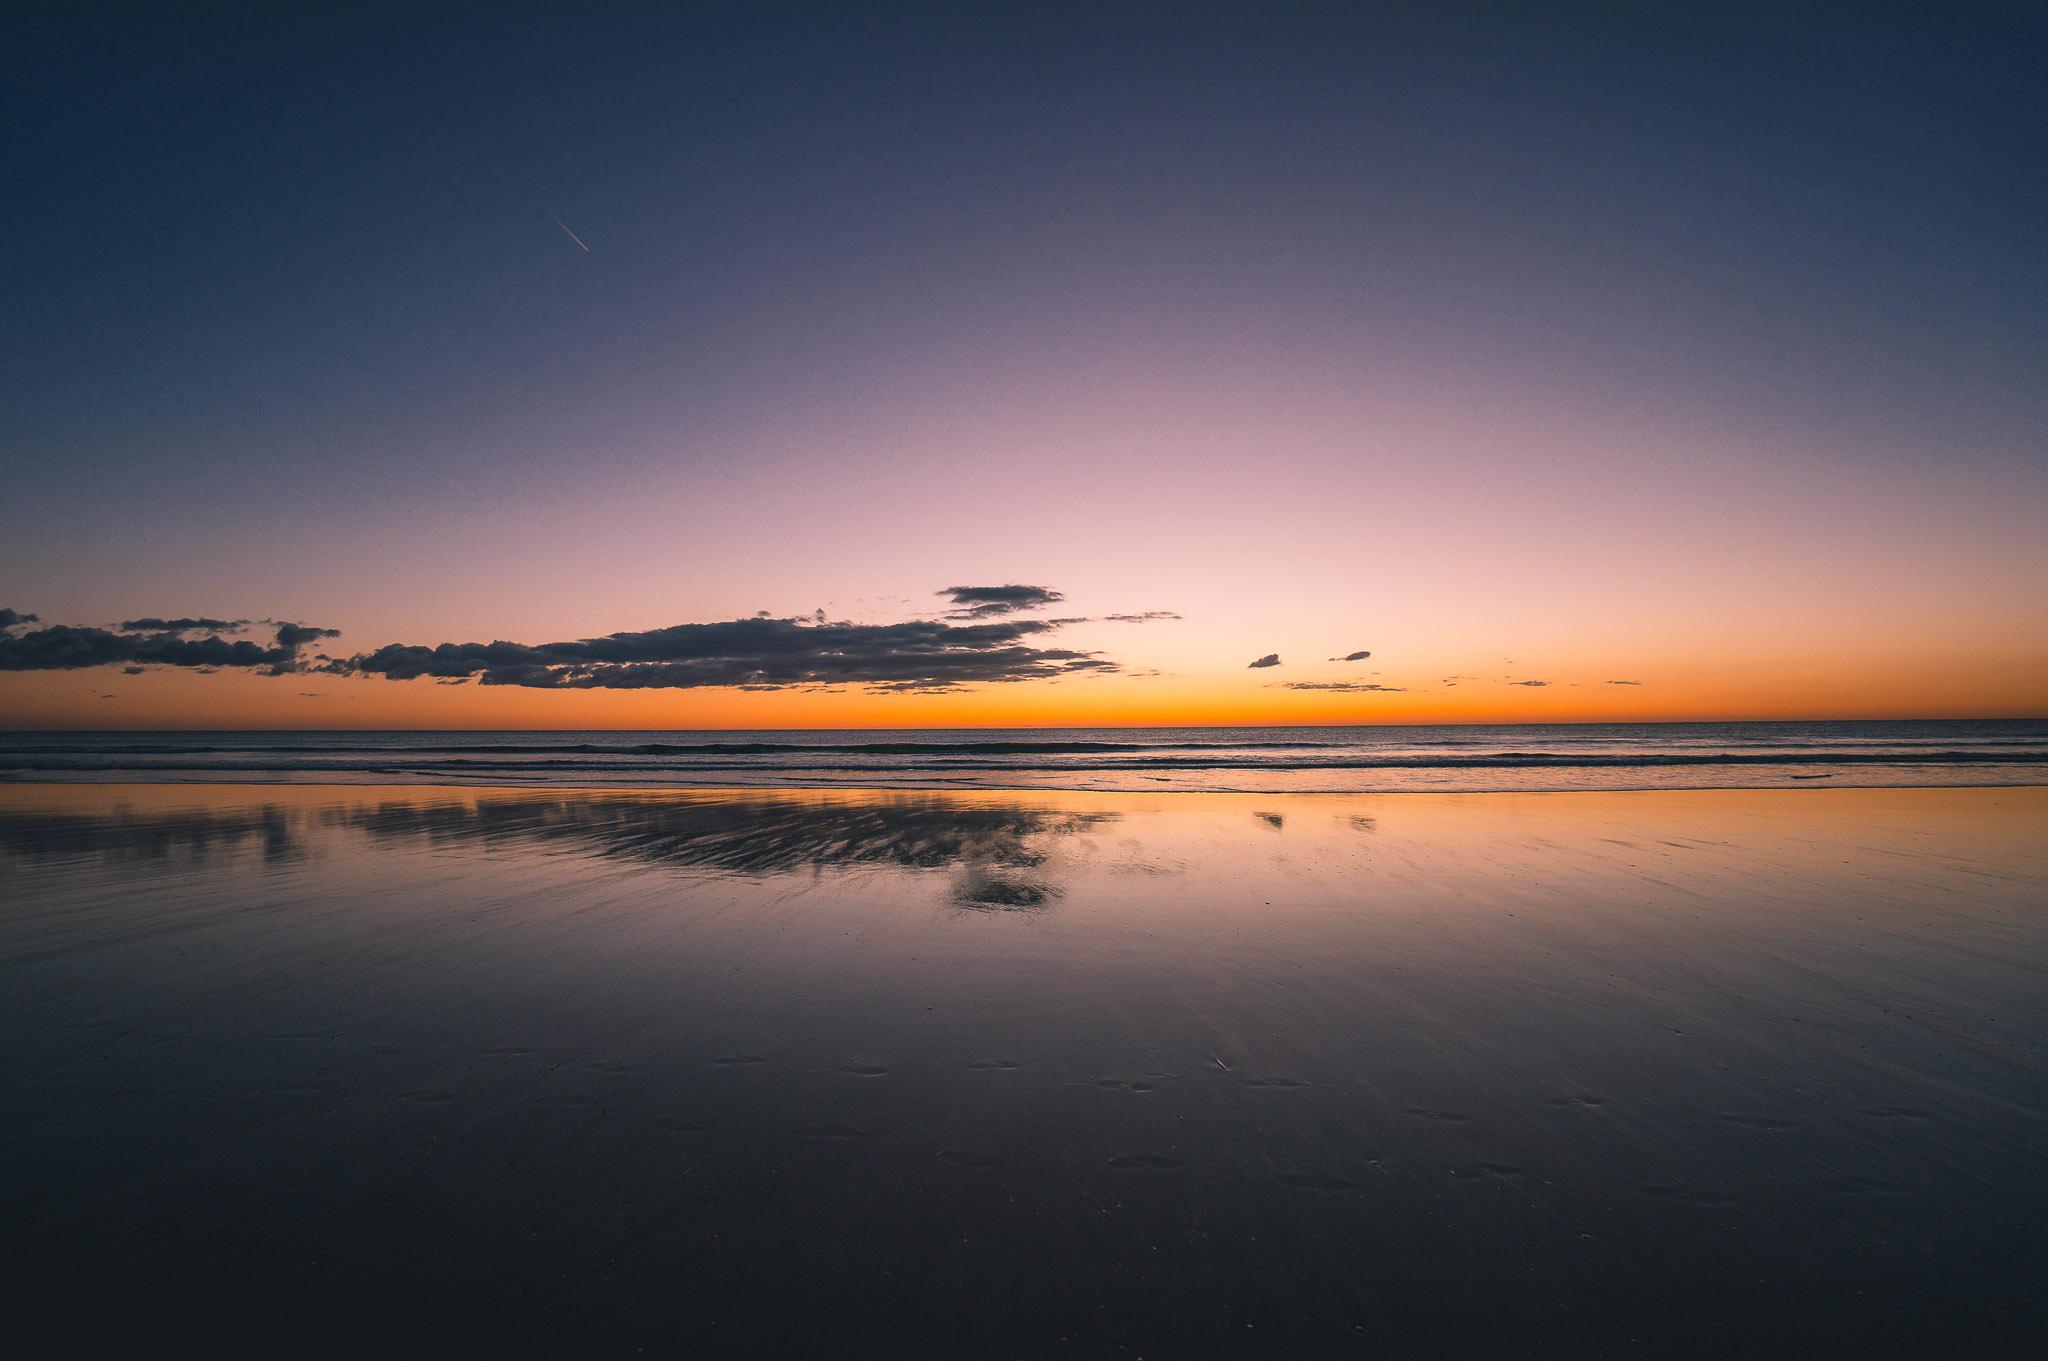 Odpływ towarzyszący zachodowi słońca w Conil